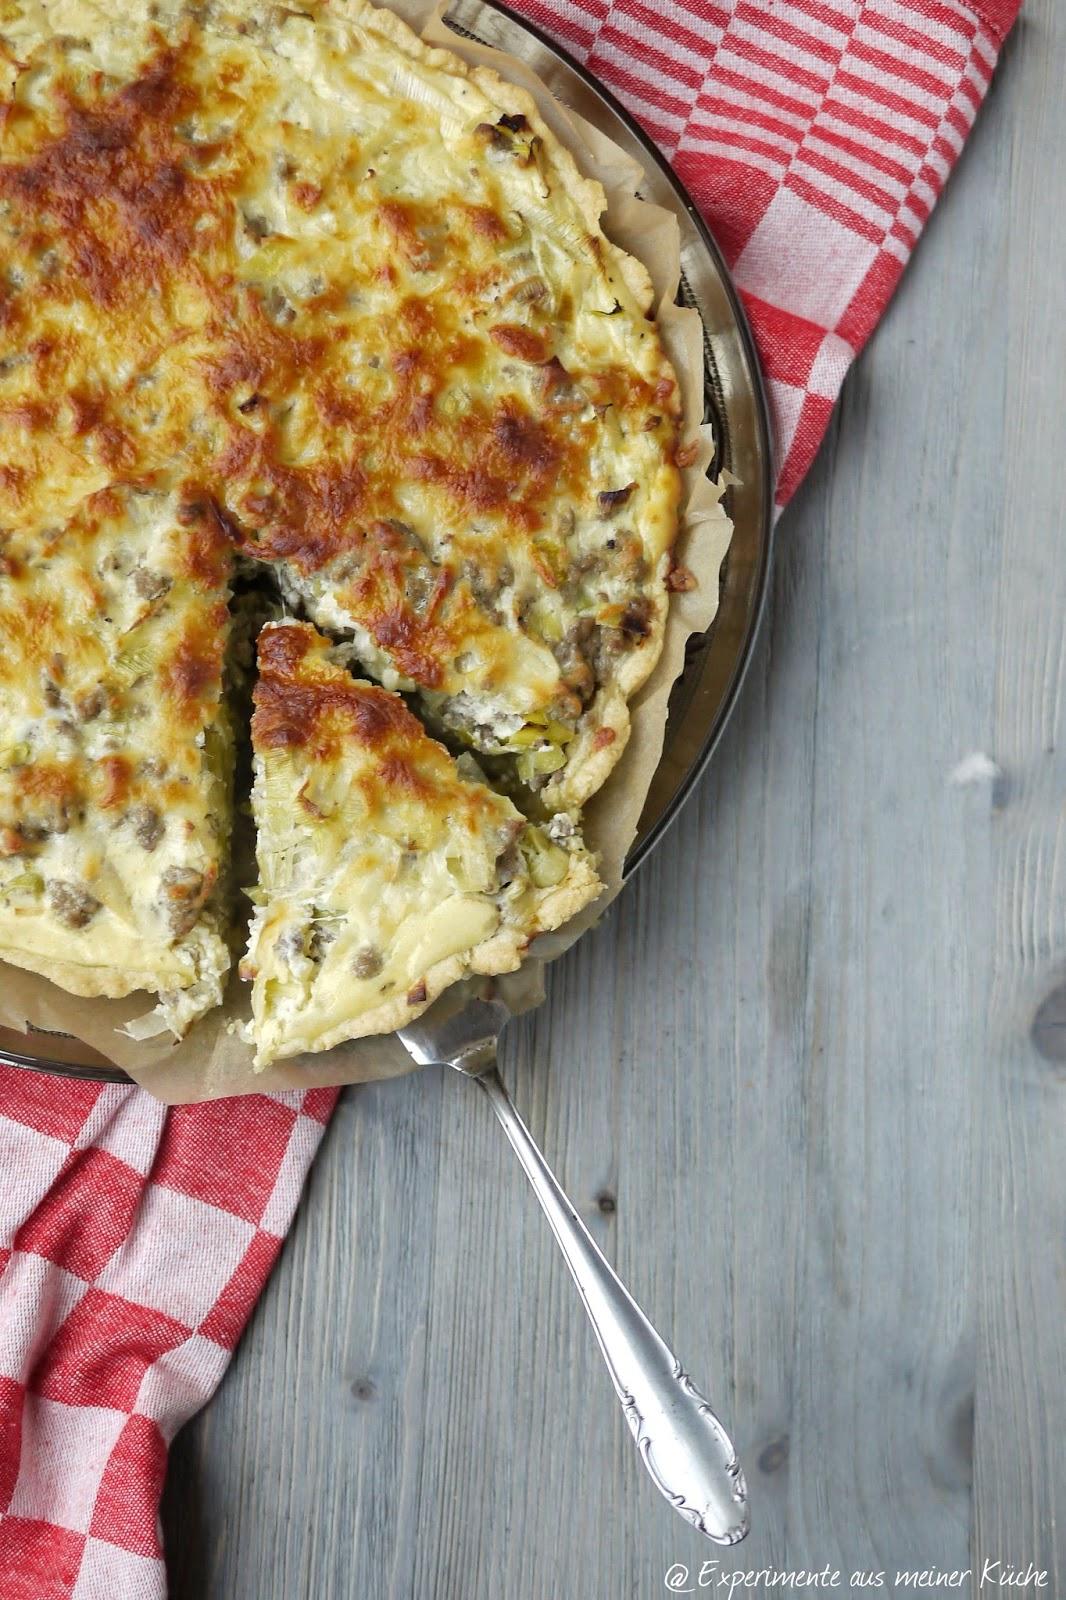 Stunning Experimente Aus Meiner Küche Instagram Photos ...